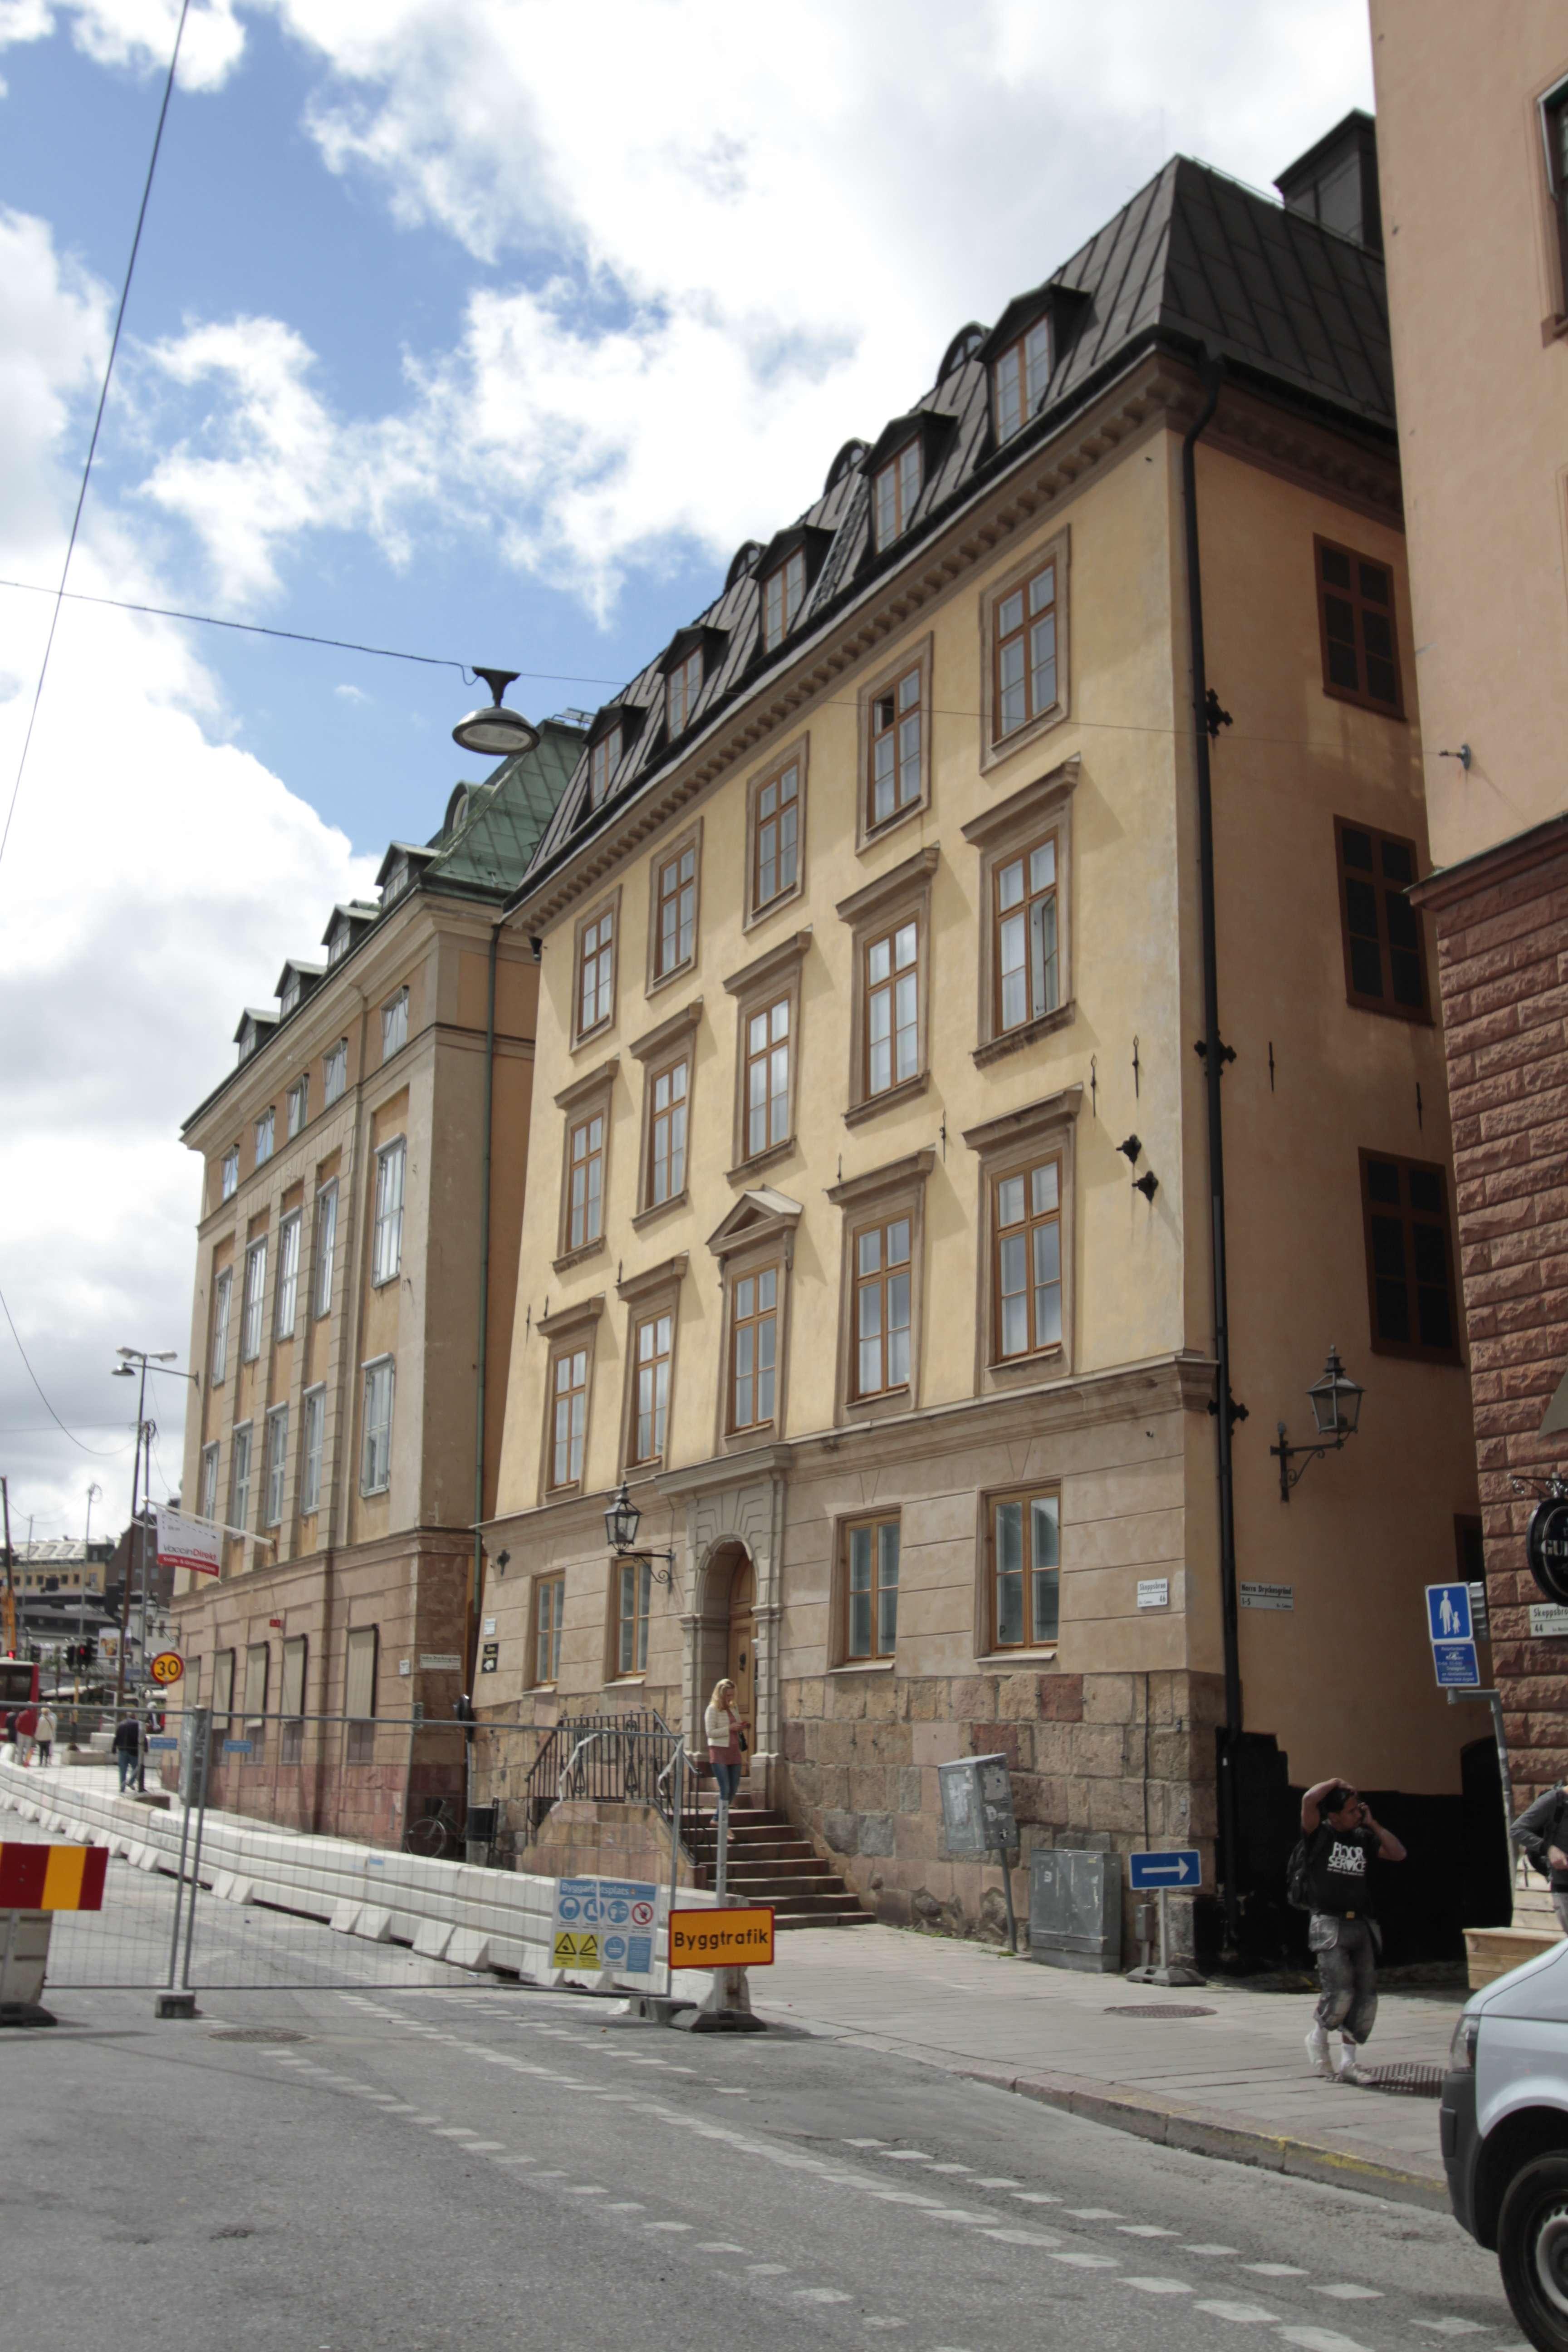 Suede_0054 Stockholm Gamla Stan